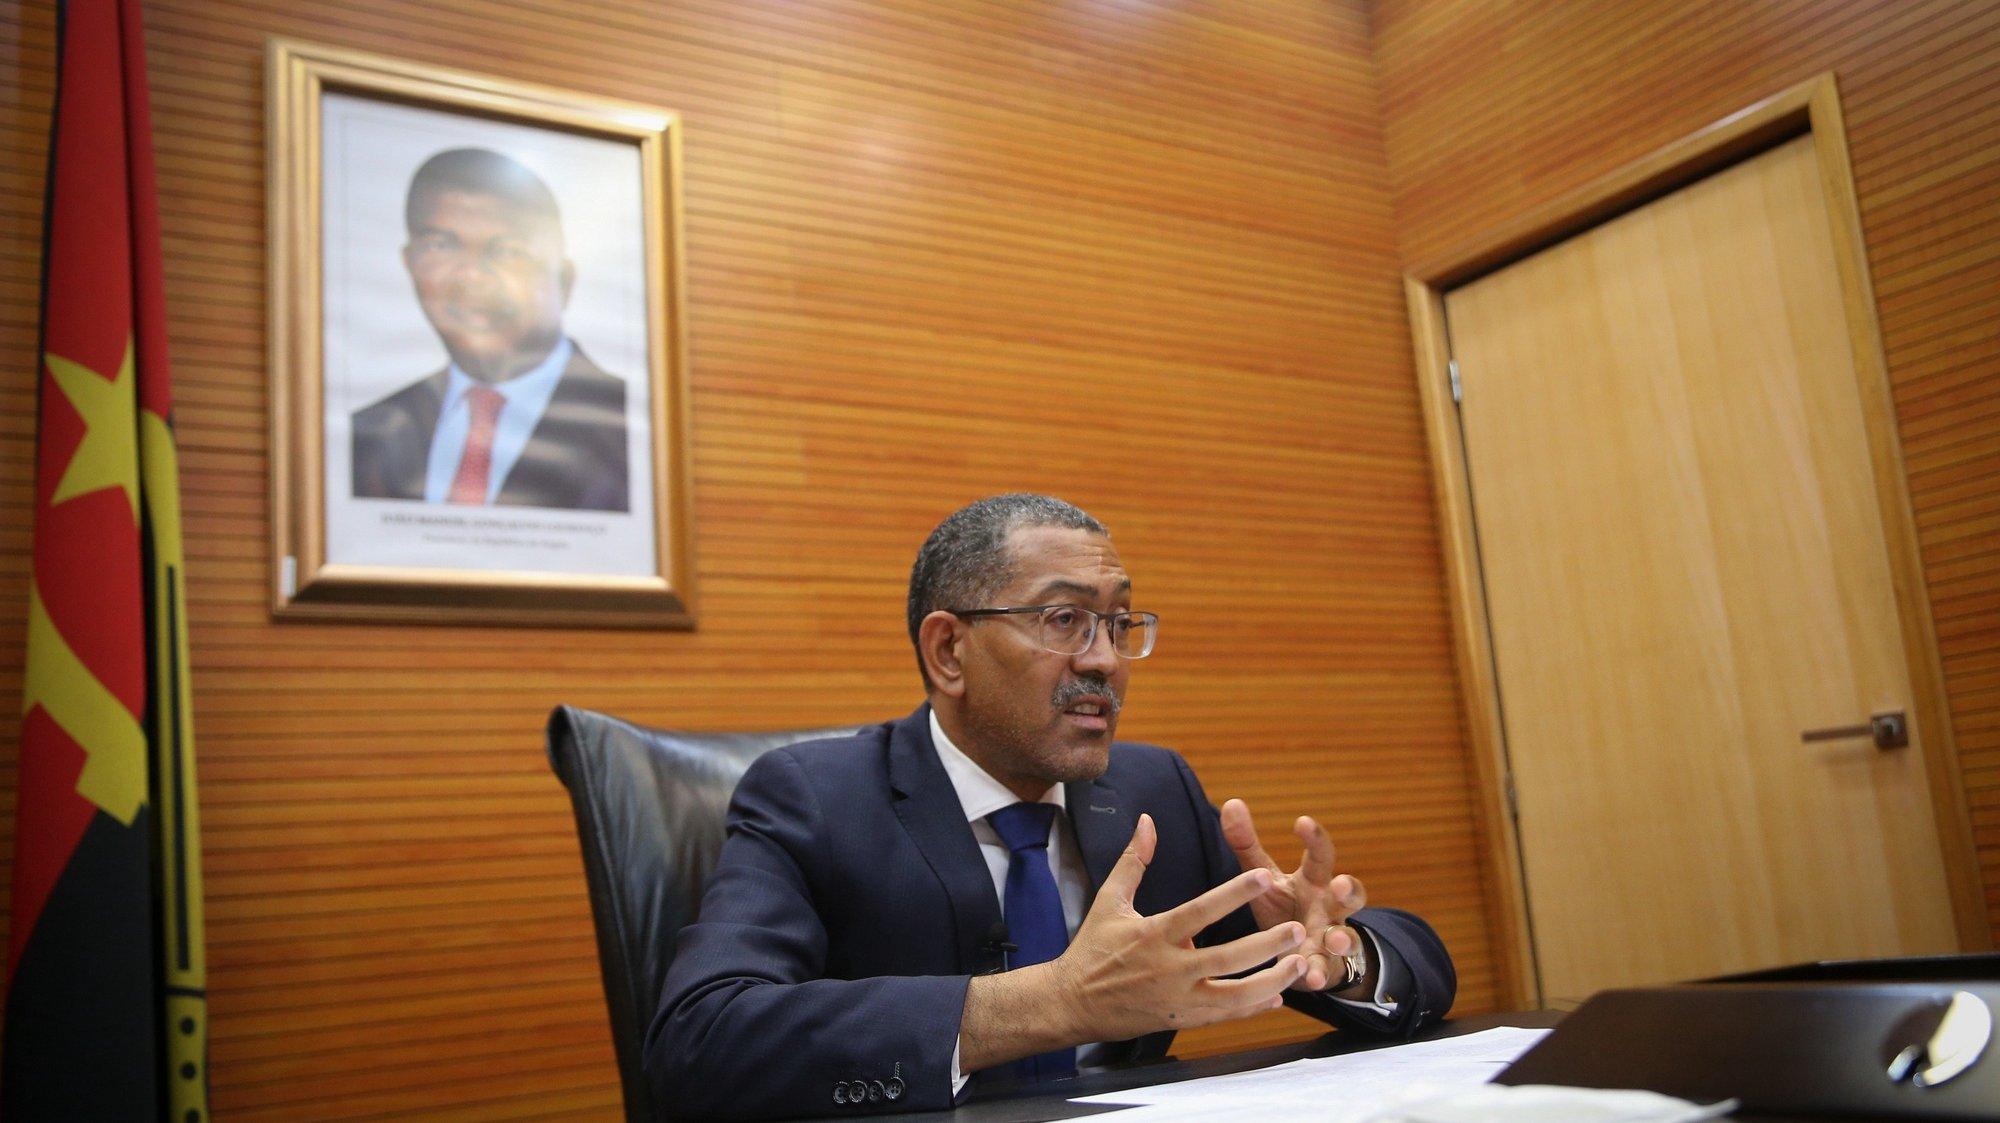 O ministro dos Recursos Minerais, Petróleo e Gás de Angola, Diamantino Azevedo, durante entrevista à agencia Lusa, em Luanda, Angola, 11 junho 2021. (ACOMPANHA TEXTO DO DIA 14 JUNHO 2021). AMPE ROGÉRIO / LUSA